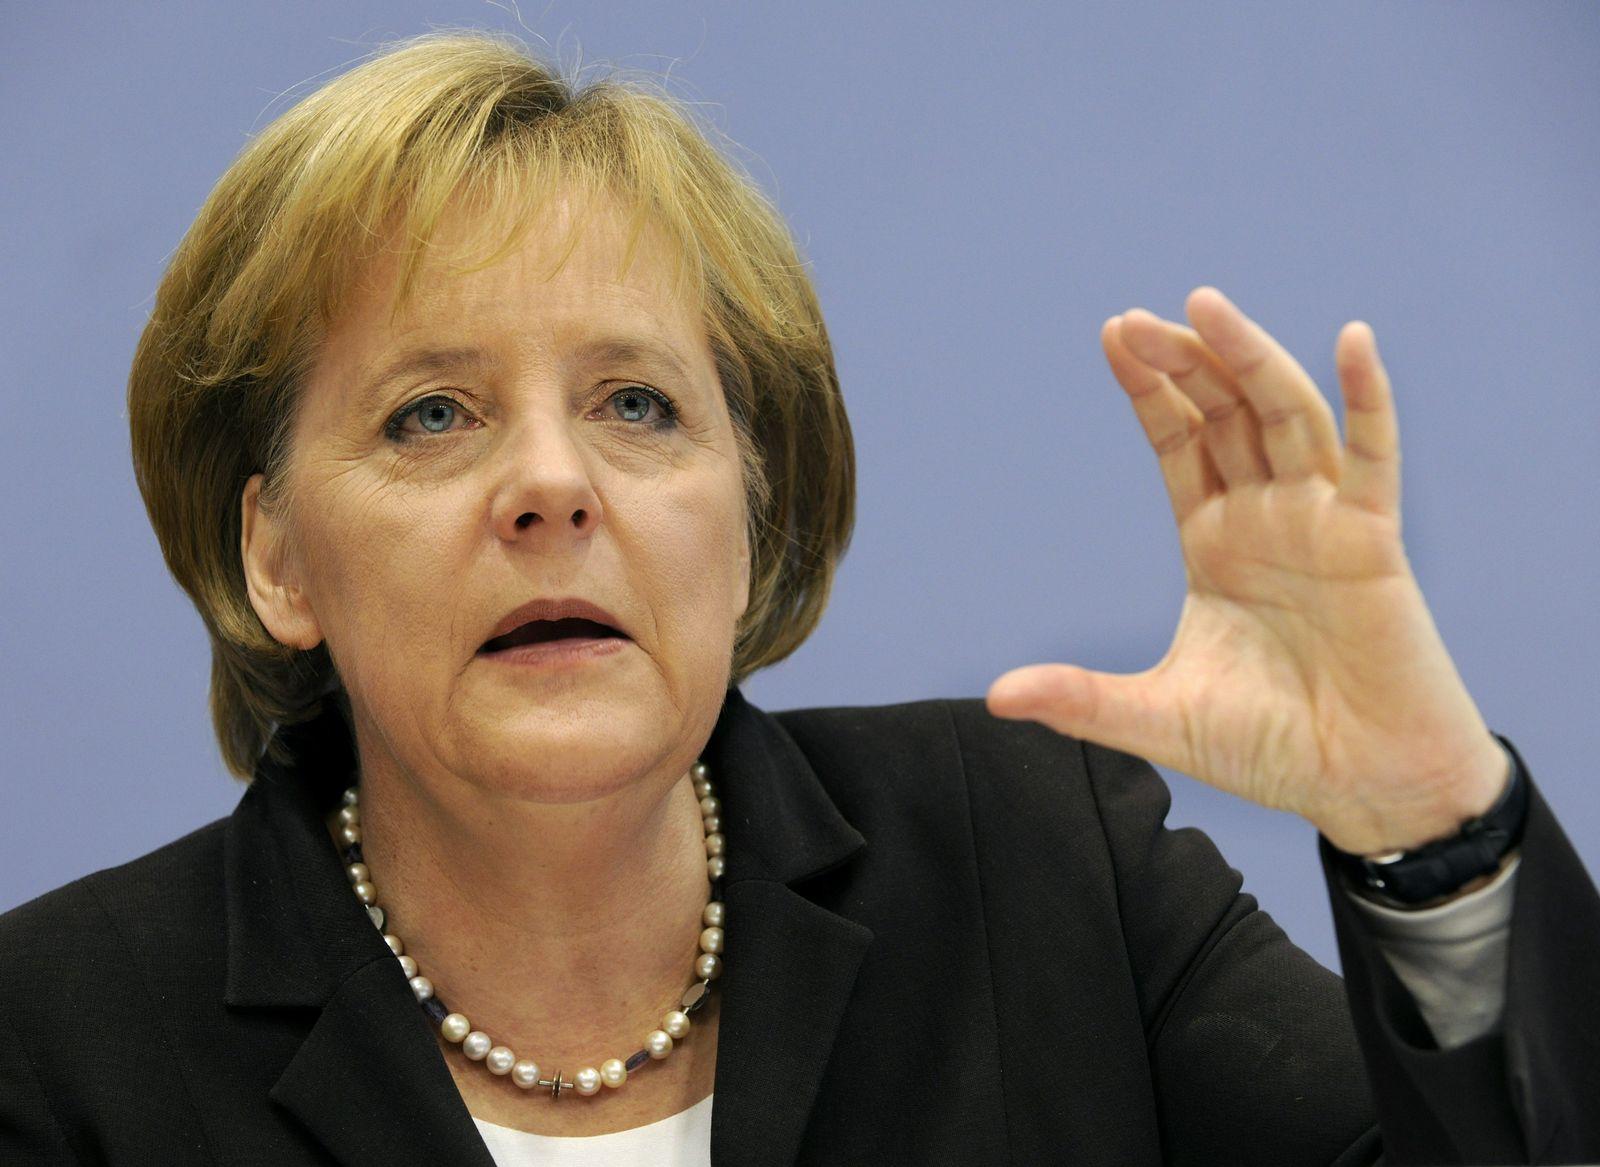 Merkel/ BPK